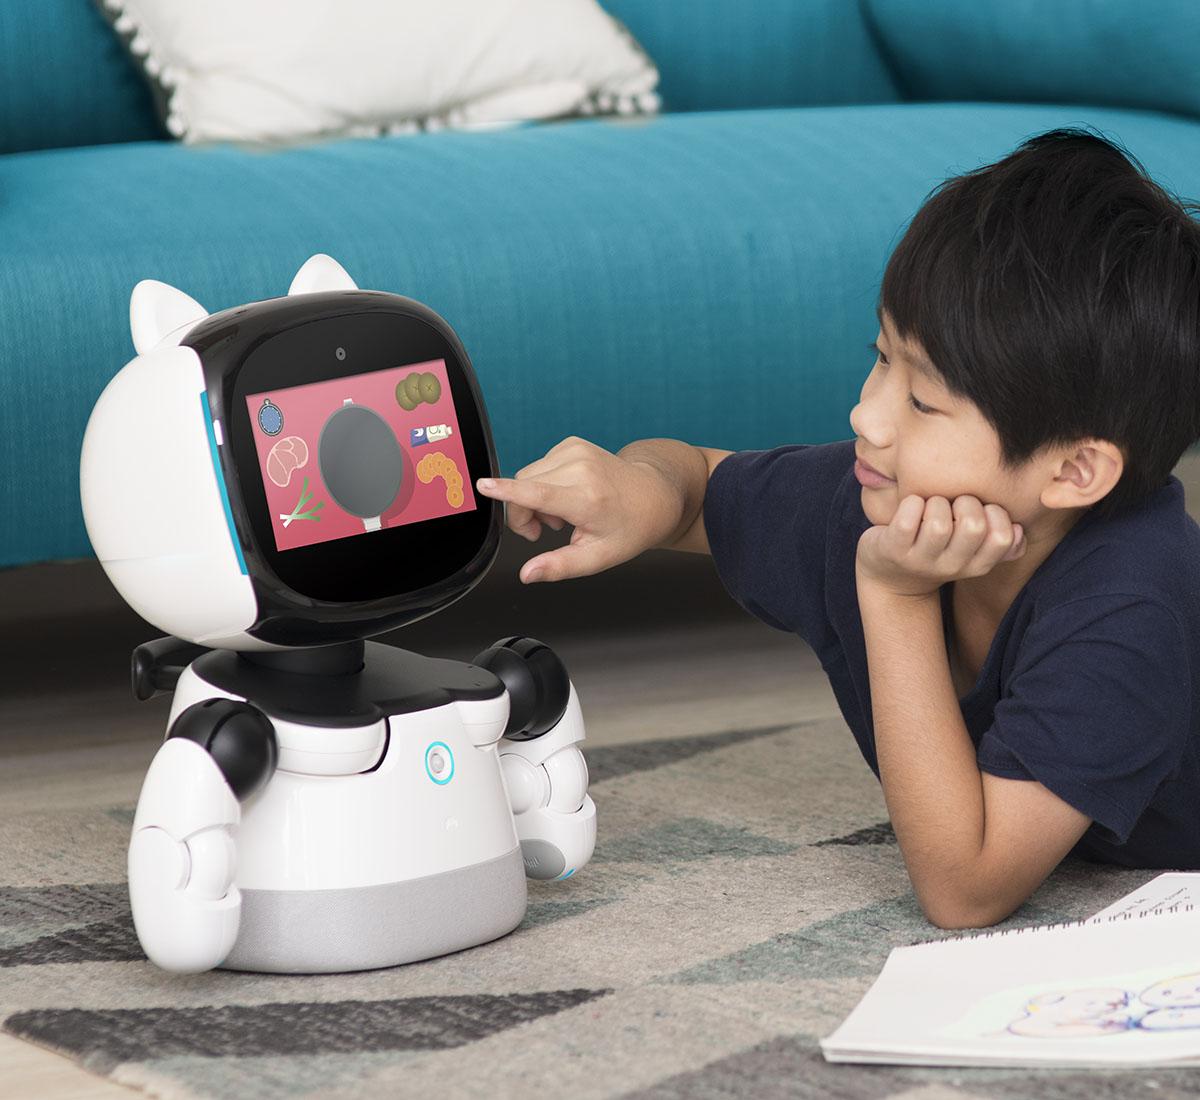 玩轉故事  故事影片中穿插互動小遊戲,寓教於樂,讓小朋友更樂在其中。